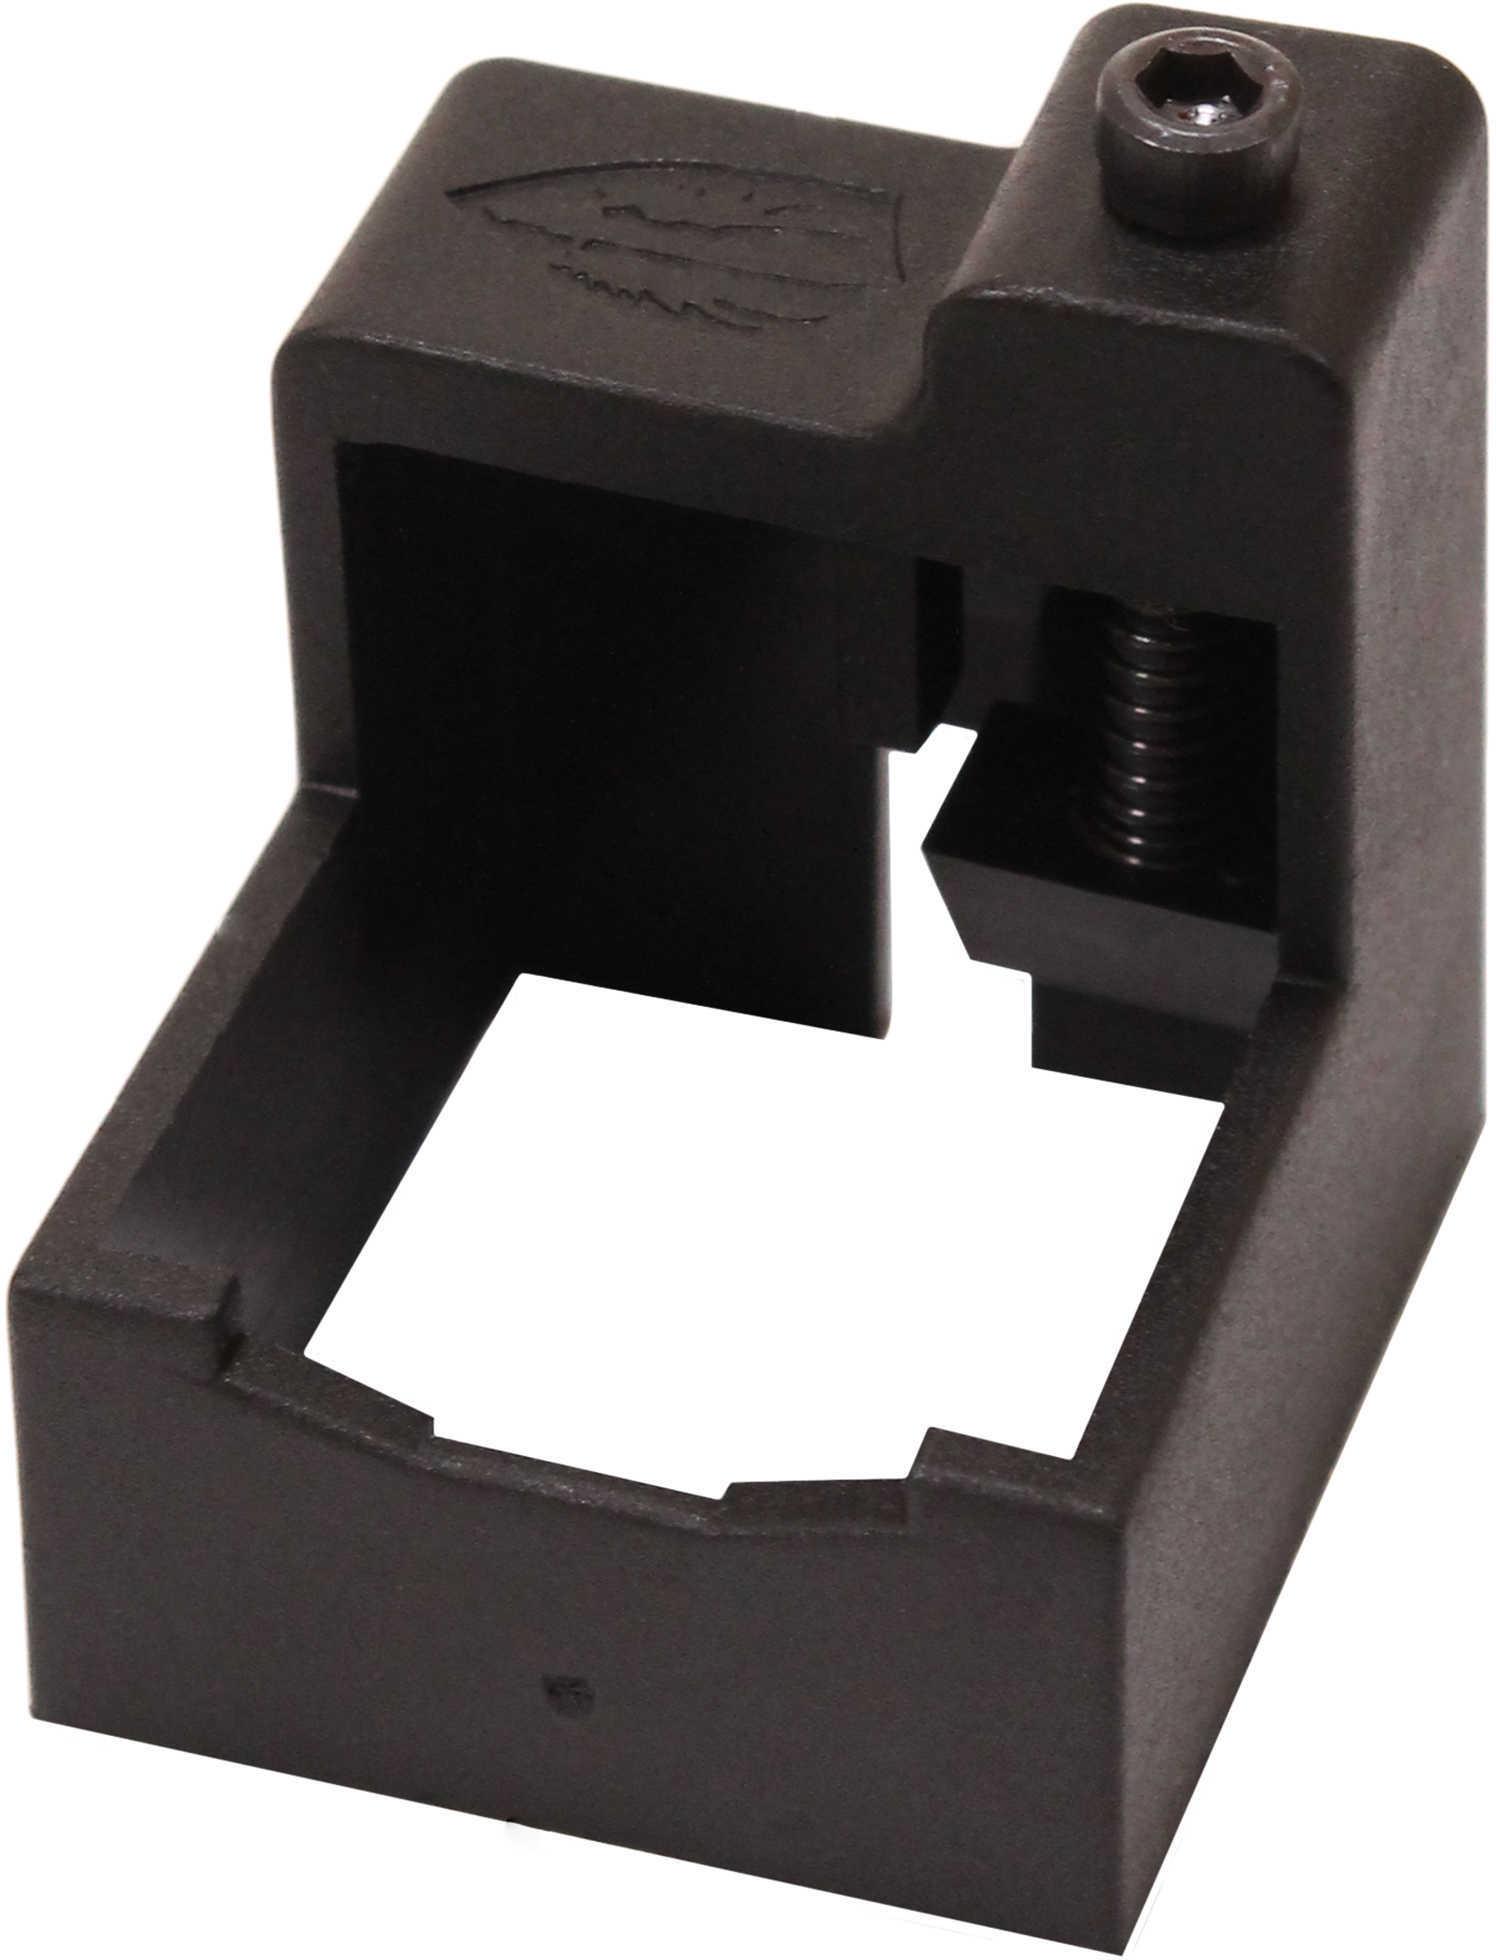 Archangel 10/22® Mag Loader - Black Polymer Md: AA115